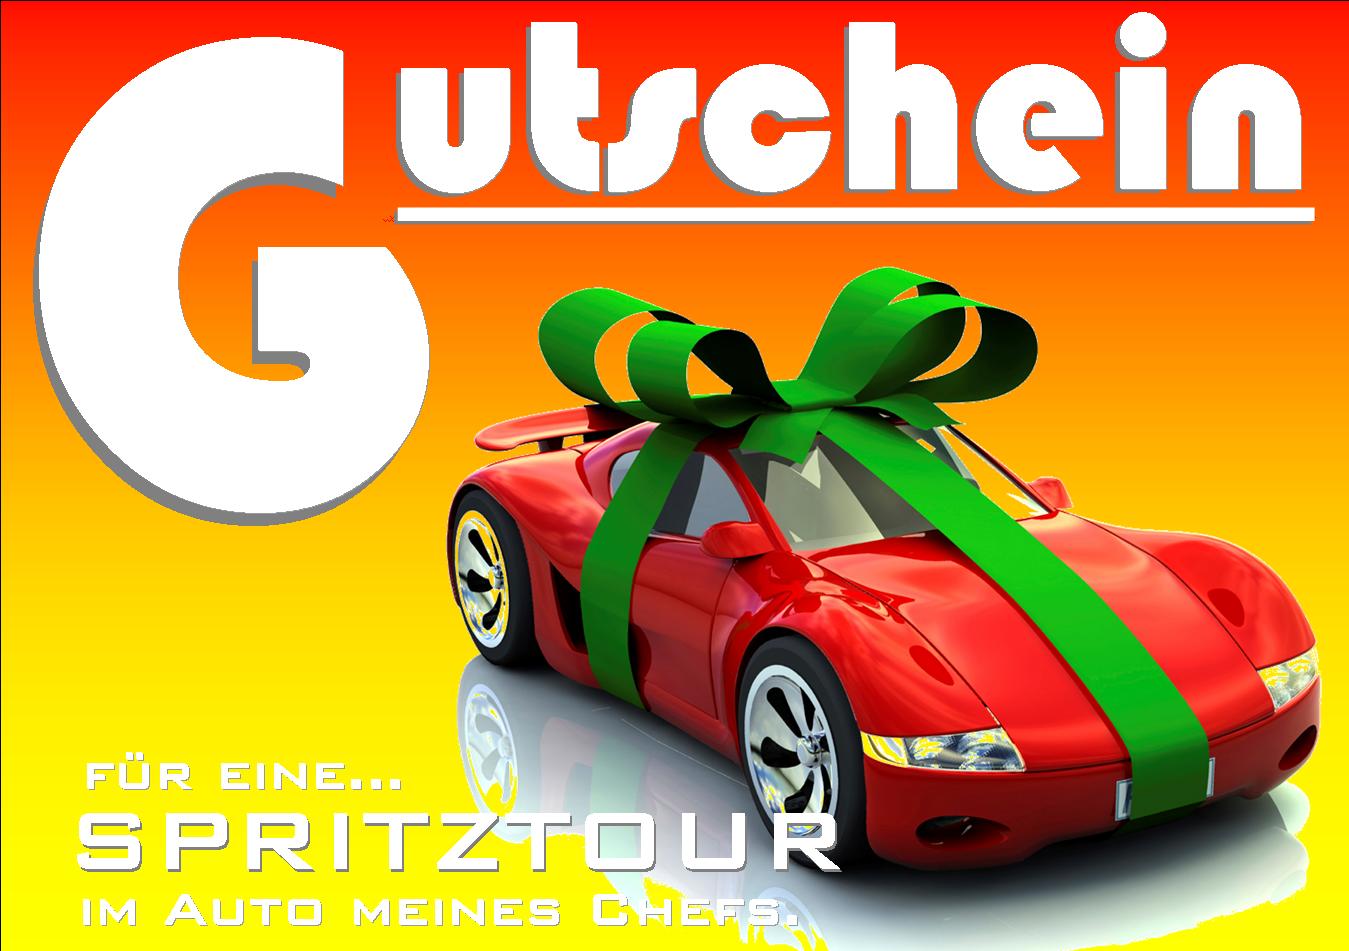 Clipart gutschein geburtstag clip art transparent download Gutschein Vorlage kostenlos zum Ausdrucken - Geschenk-Gutschein ... clip art transparent download